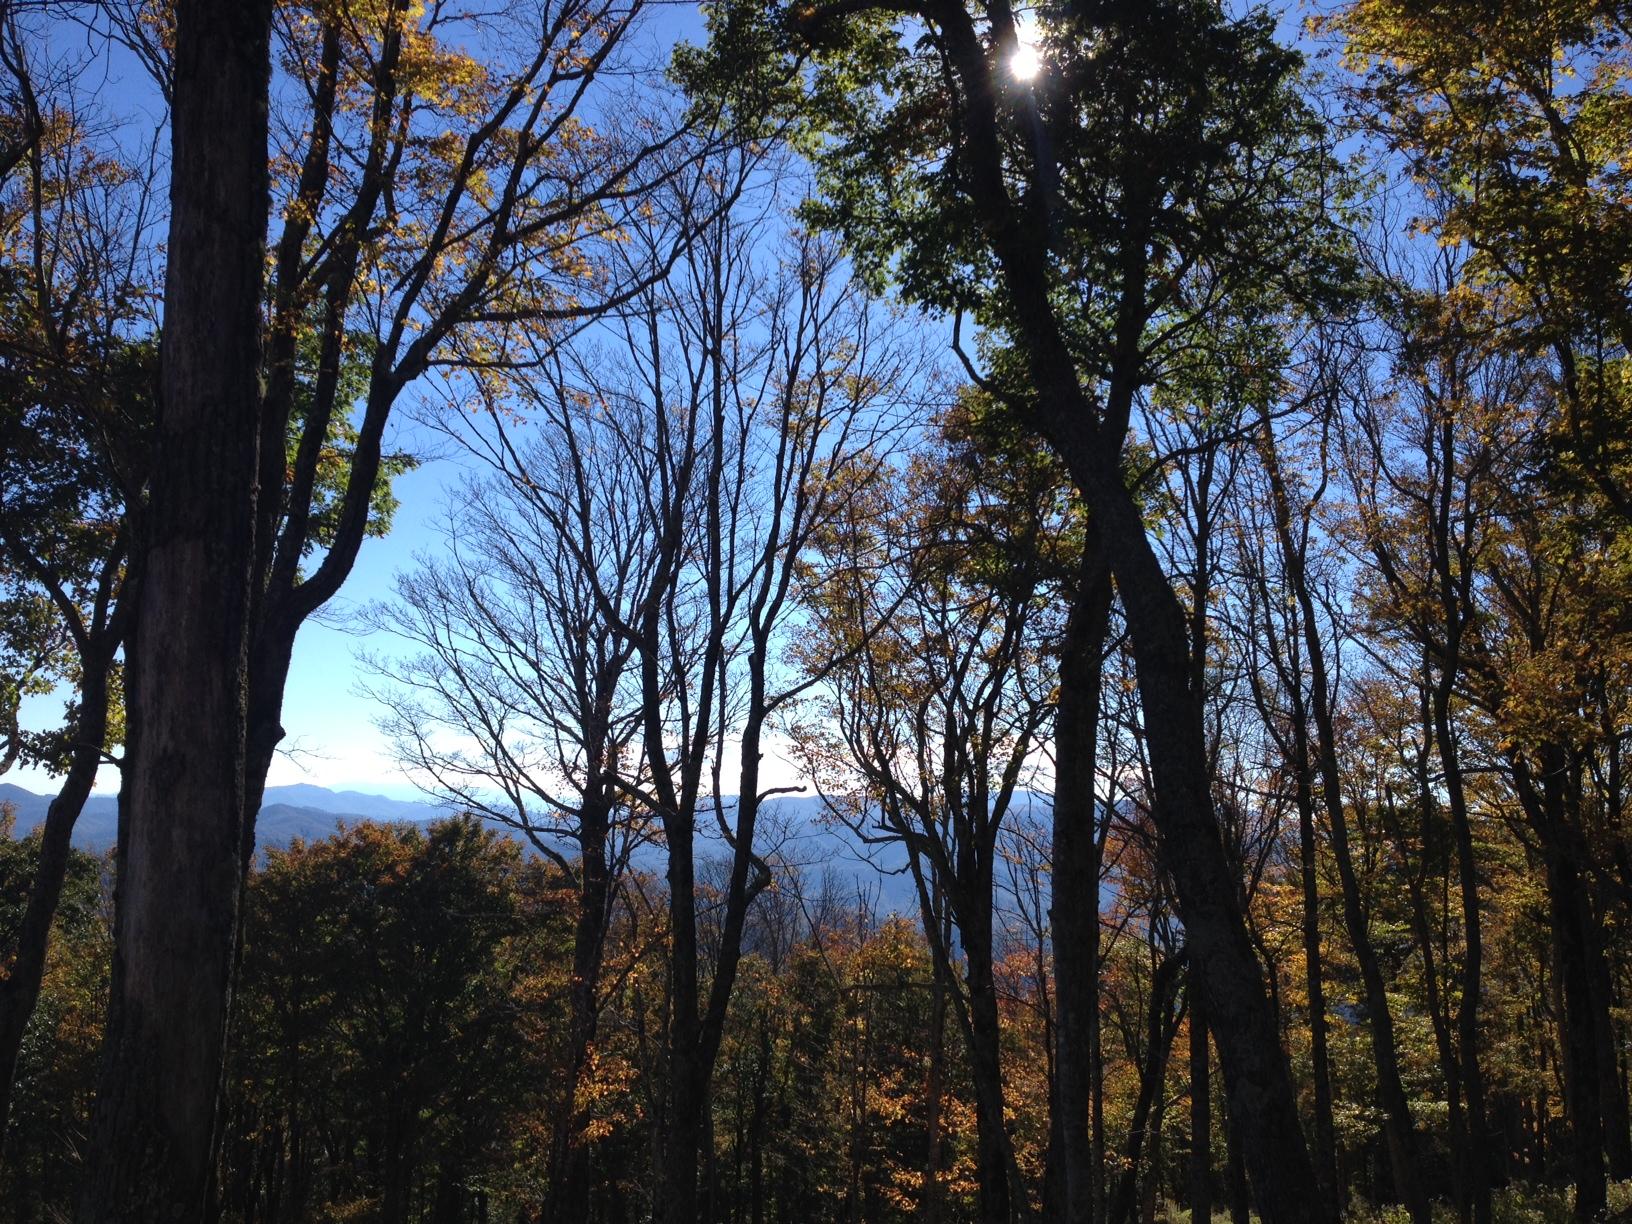 Land for Sale at Eagles Nest Lodge Homesite 20 Lot L-20 Eagles Nest Trail Banner Elk, North Carolina 28604 United States